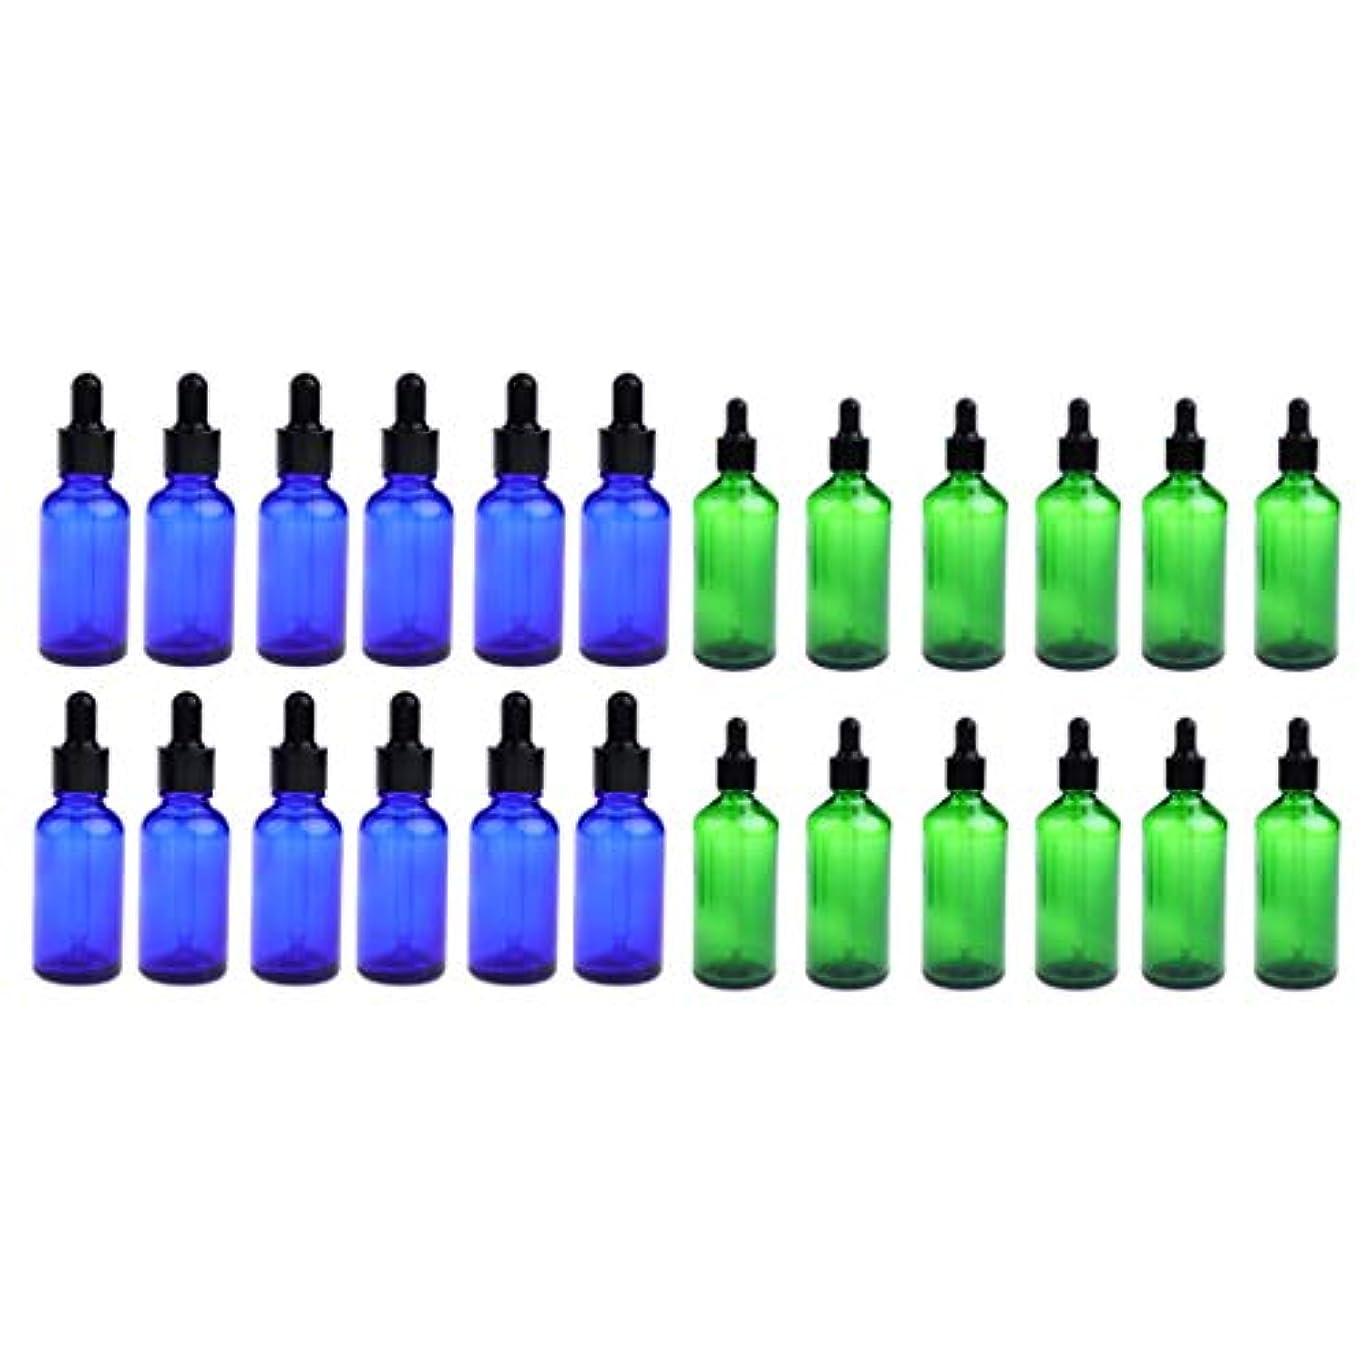 こどもの宮殿窒素申請者スポイト 瓶 遮光 スポイトボトル 30ml エッセンシャルオイル アロマ セラピー バイアル